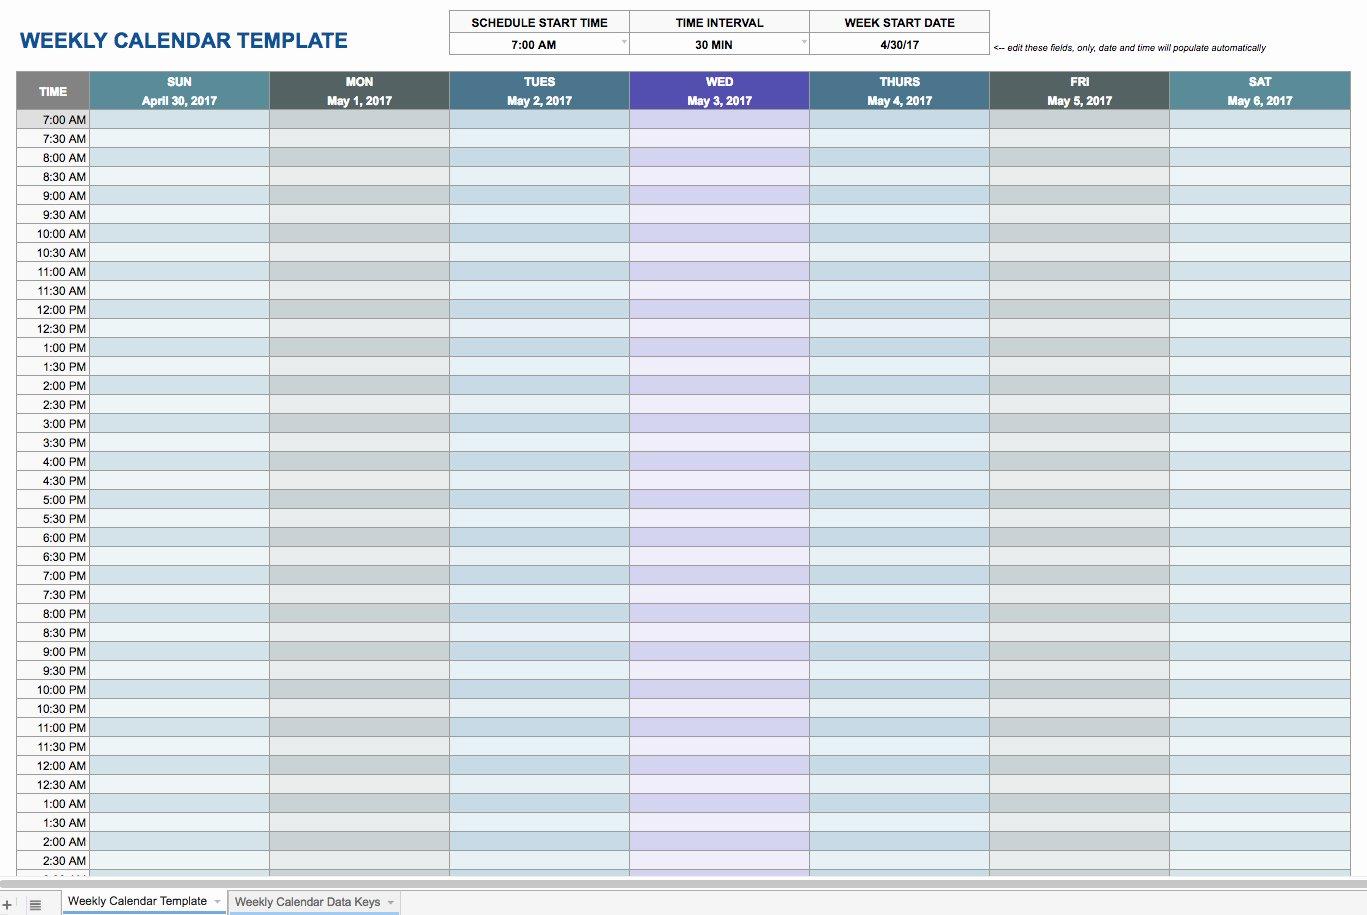 Weekly Schedule Template Google Docs